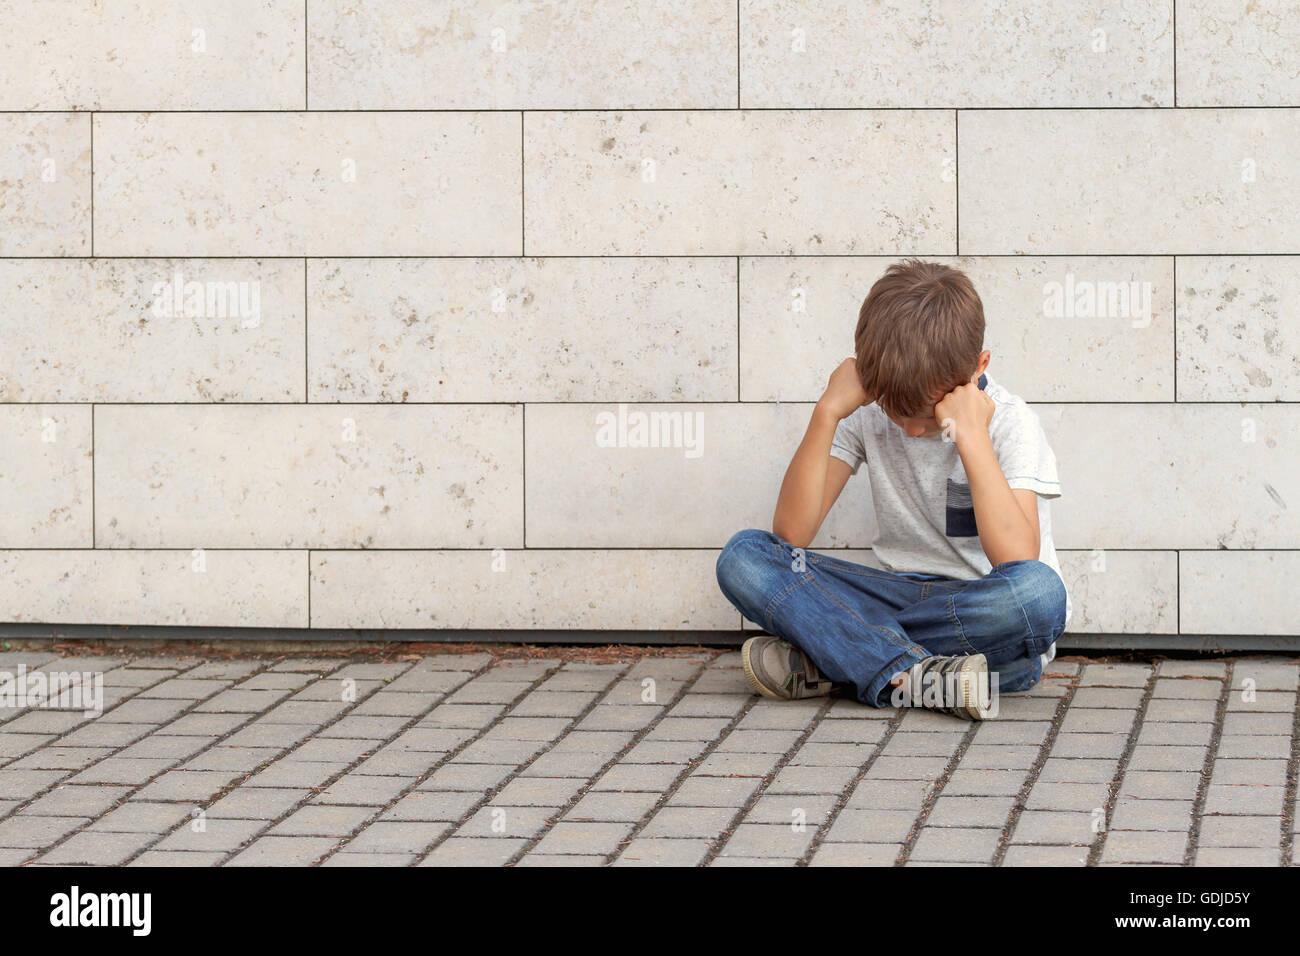 Triste, solitario, infelice, sconvolto, deluso stanco bambino seduto da solo sul terreno per esterno Immagini Stock